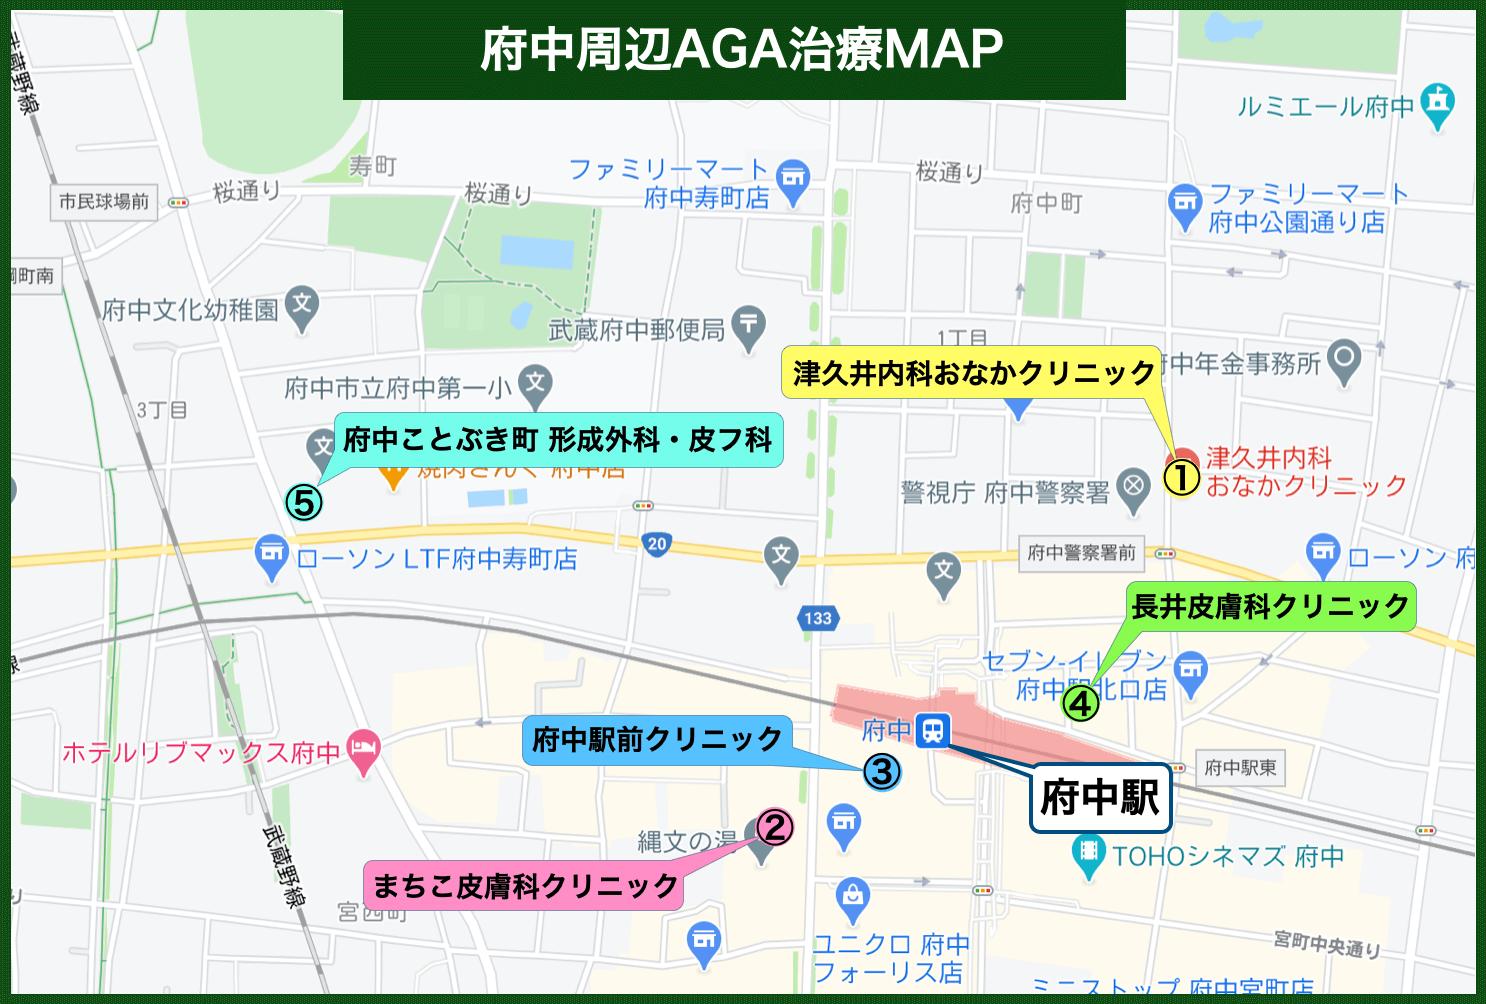 府中周辺AGA治療MAP